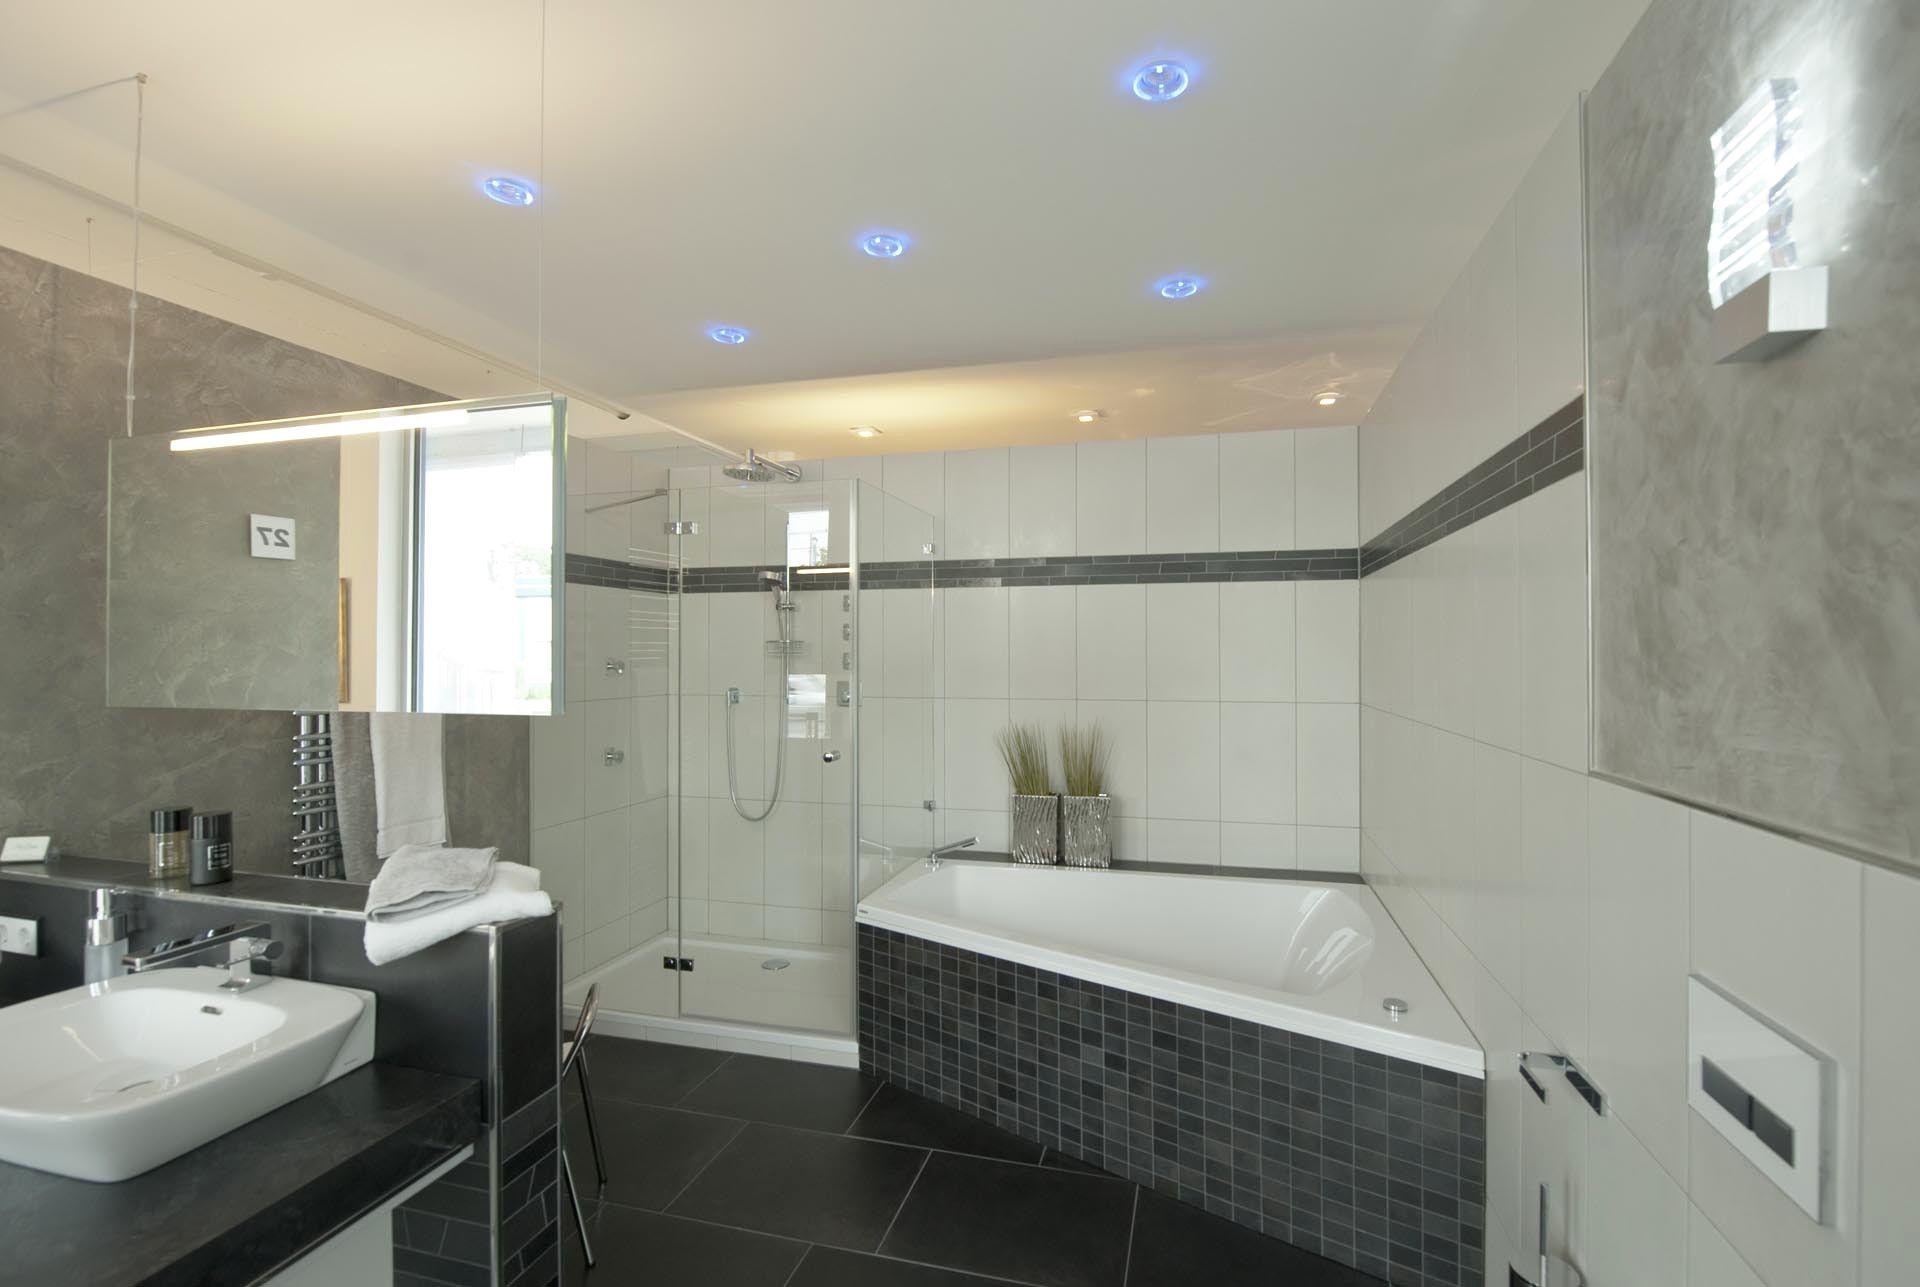 Badezimmer Led ~ Mobel und dekoration led beleuchtung im badezimmer mit licht bad